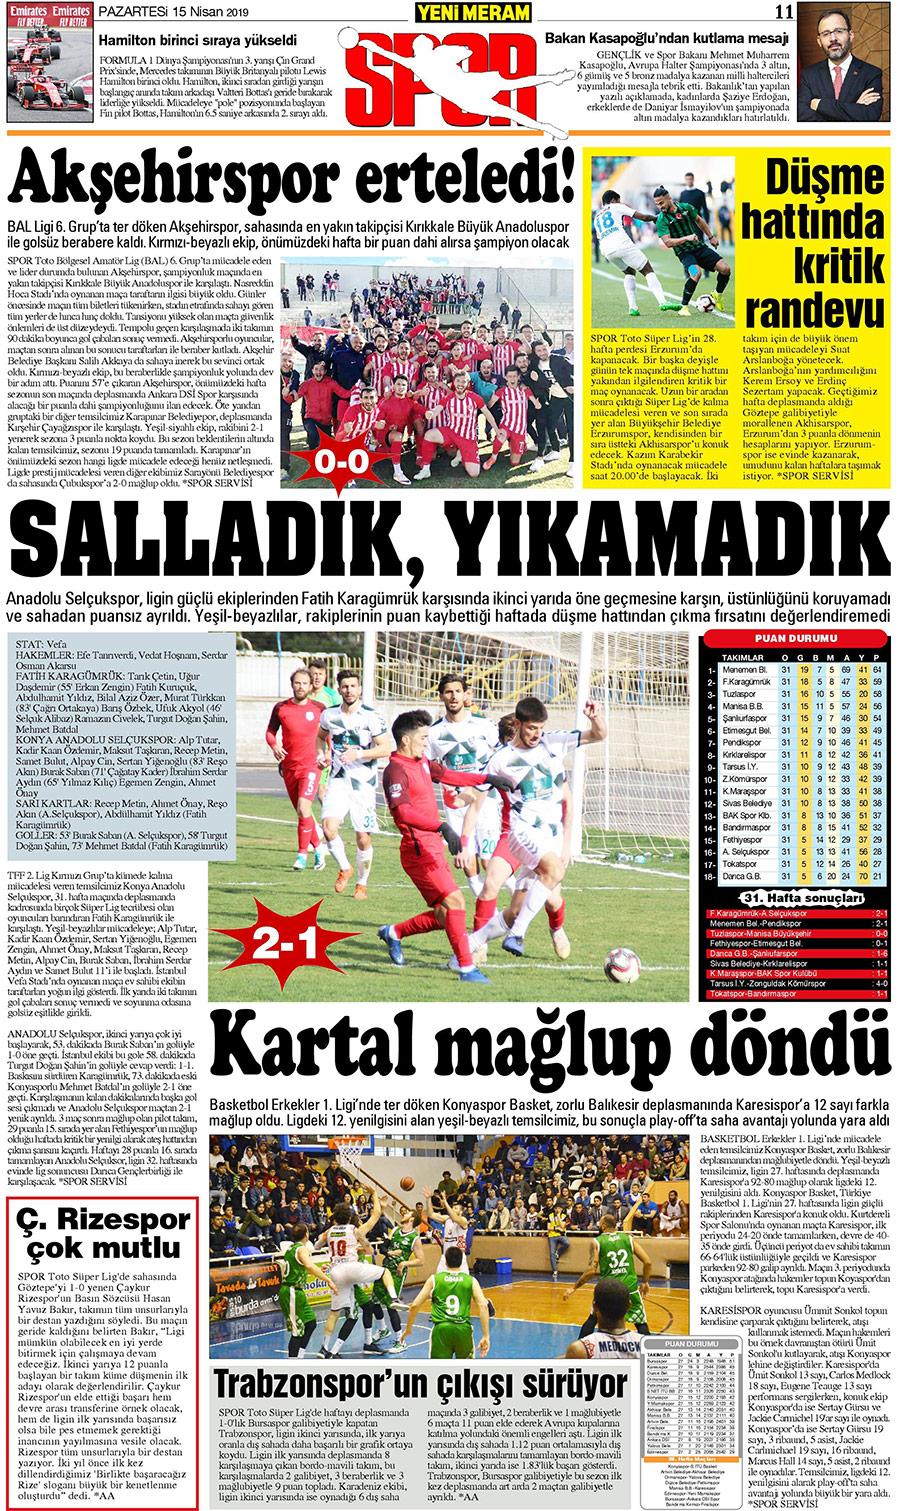 15 Nisan 2019 Yeni Meram Gazetesi